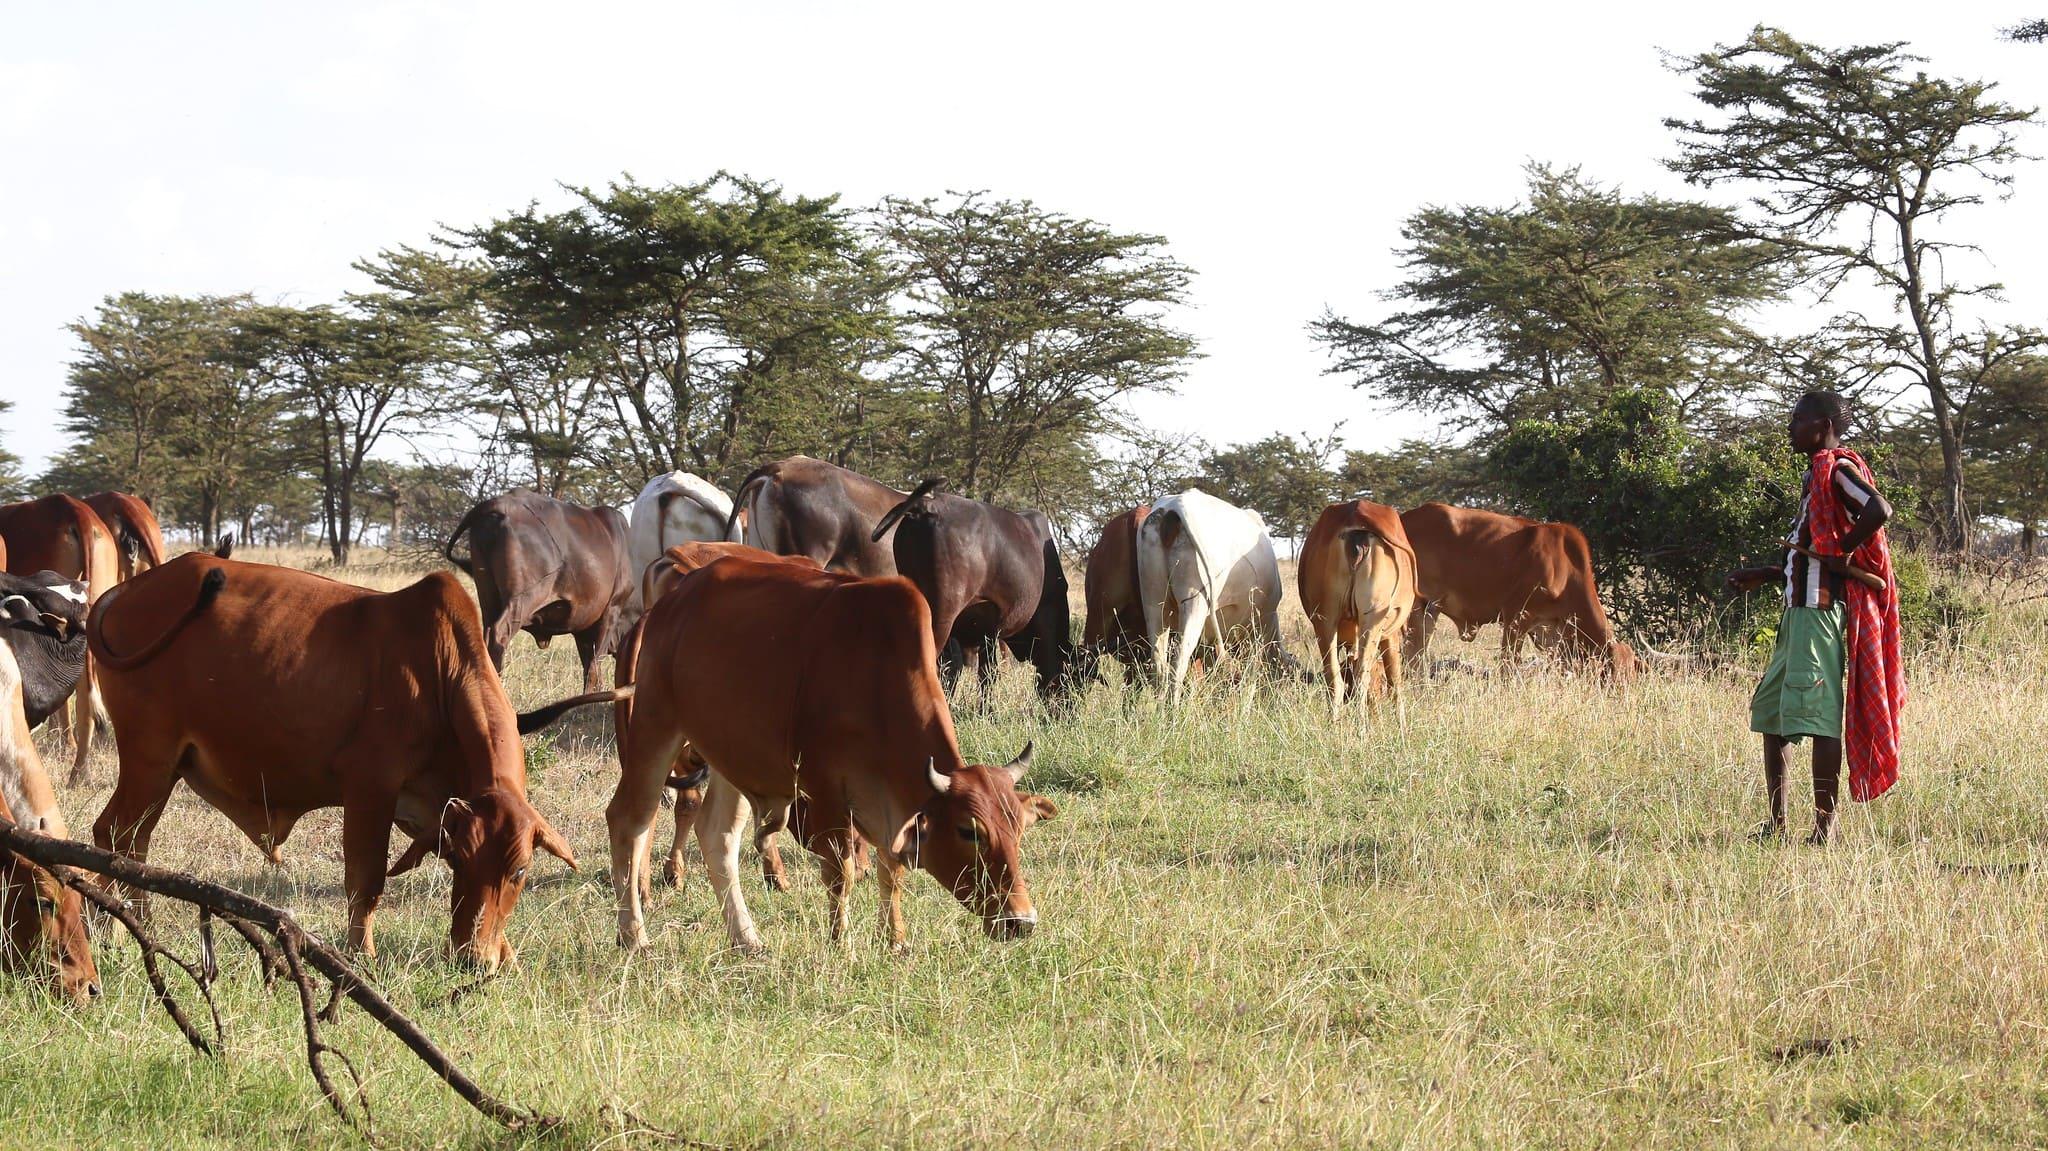 viaggiare in Kenya - Quando andare